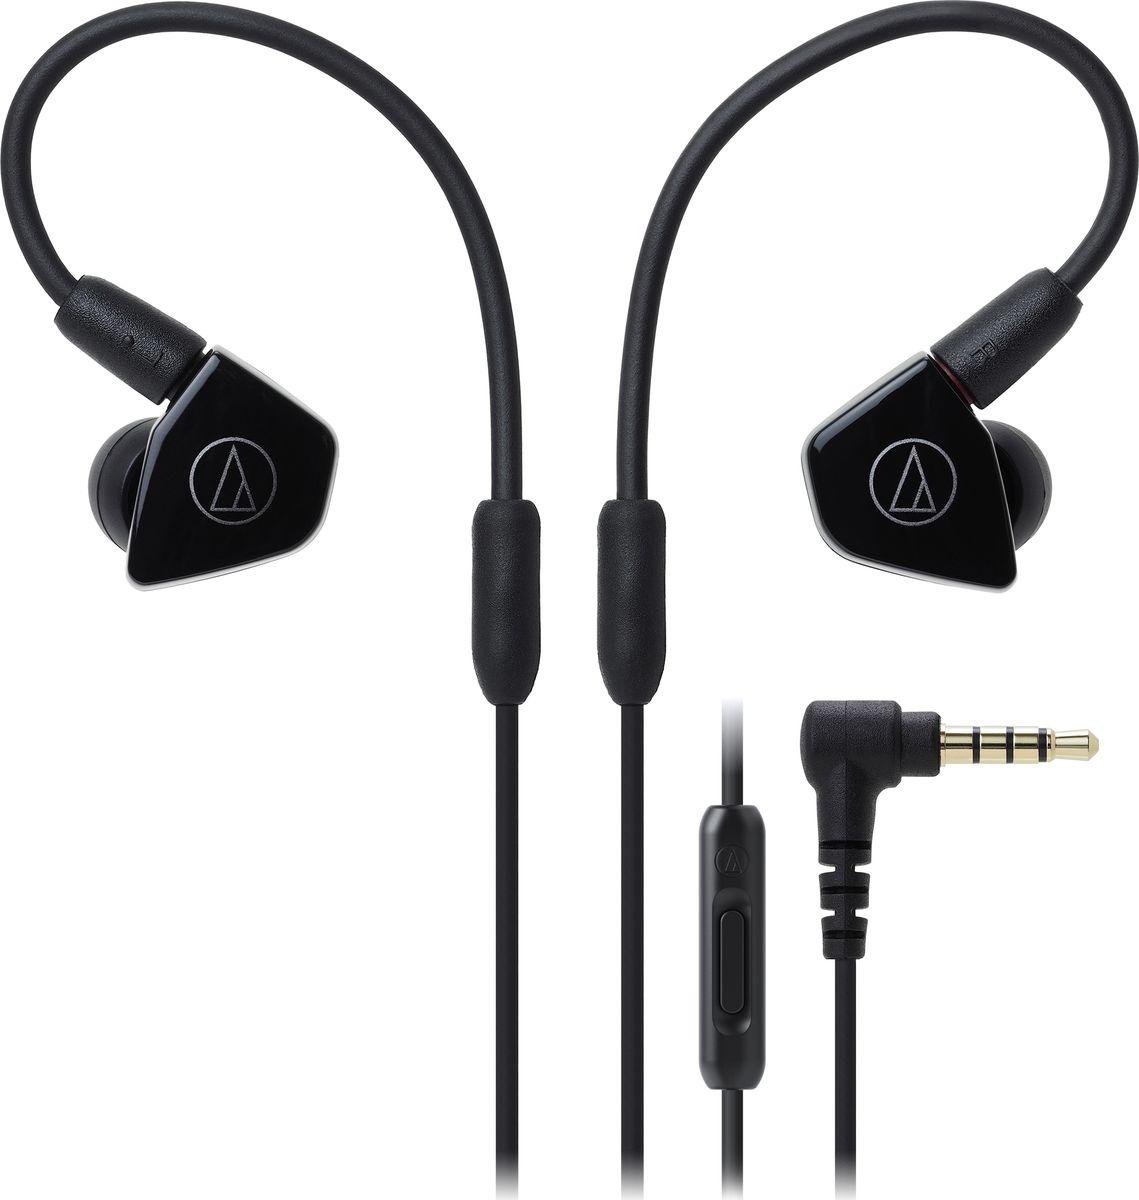 Audio-Technica ATH-LS50IS, Black наушники15119535Внутриканальные наушники Audio-Technica ATH-LS50IS со сдвоенными излучателями обеспечат вам действительно живое концертное звучание, как будто вы находитесь в первом ряду. Сдвоенные драйверы располагаются в одном корпусе и работают синфазно, тем самым уменьшая деформацию мембраны и обеспечивая сбалансированное звучание с мощным басом. Корпус модели выполнен из прочного ABS-пластика, что способствует снижению нежелательных резонансов.ATH-LS50iS оснащены съёмным кабелем с разъёмом A2DC, который снижает переходное затухание и улучшает разделение каналов. Кабель имеет микрофон и пульт управления, с помощью которого вы сможете управлять звонками и воспроизведением музыки. Гибкость кабеля с памятью формы позволит подобрать удобную посадку в ухе, что сказывается на фиксации наушника и комфорте ношения.8,8-мм сдвоенные излучателиСбалансированное звучание с мощным басом и отличной детальностьюГибкий съёмный кабель с памятью формыРазъём кабеля A2DCФункция гарнитурыКорпус из прочного ABS-пластикаАмбушюры четырёх размеров и чехол для хранения в комплекте